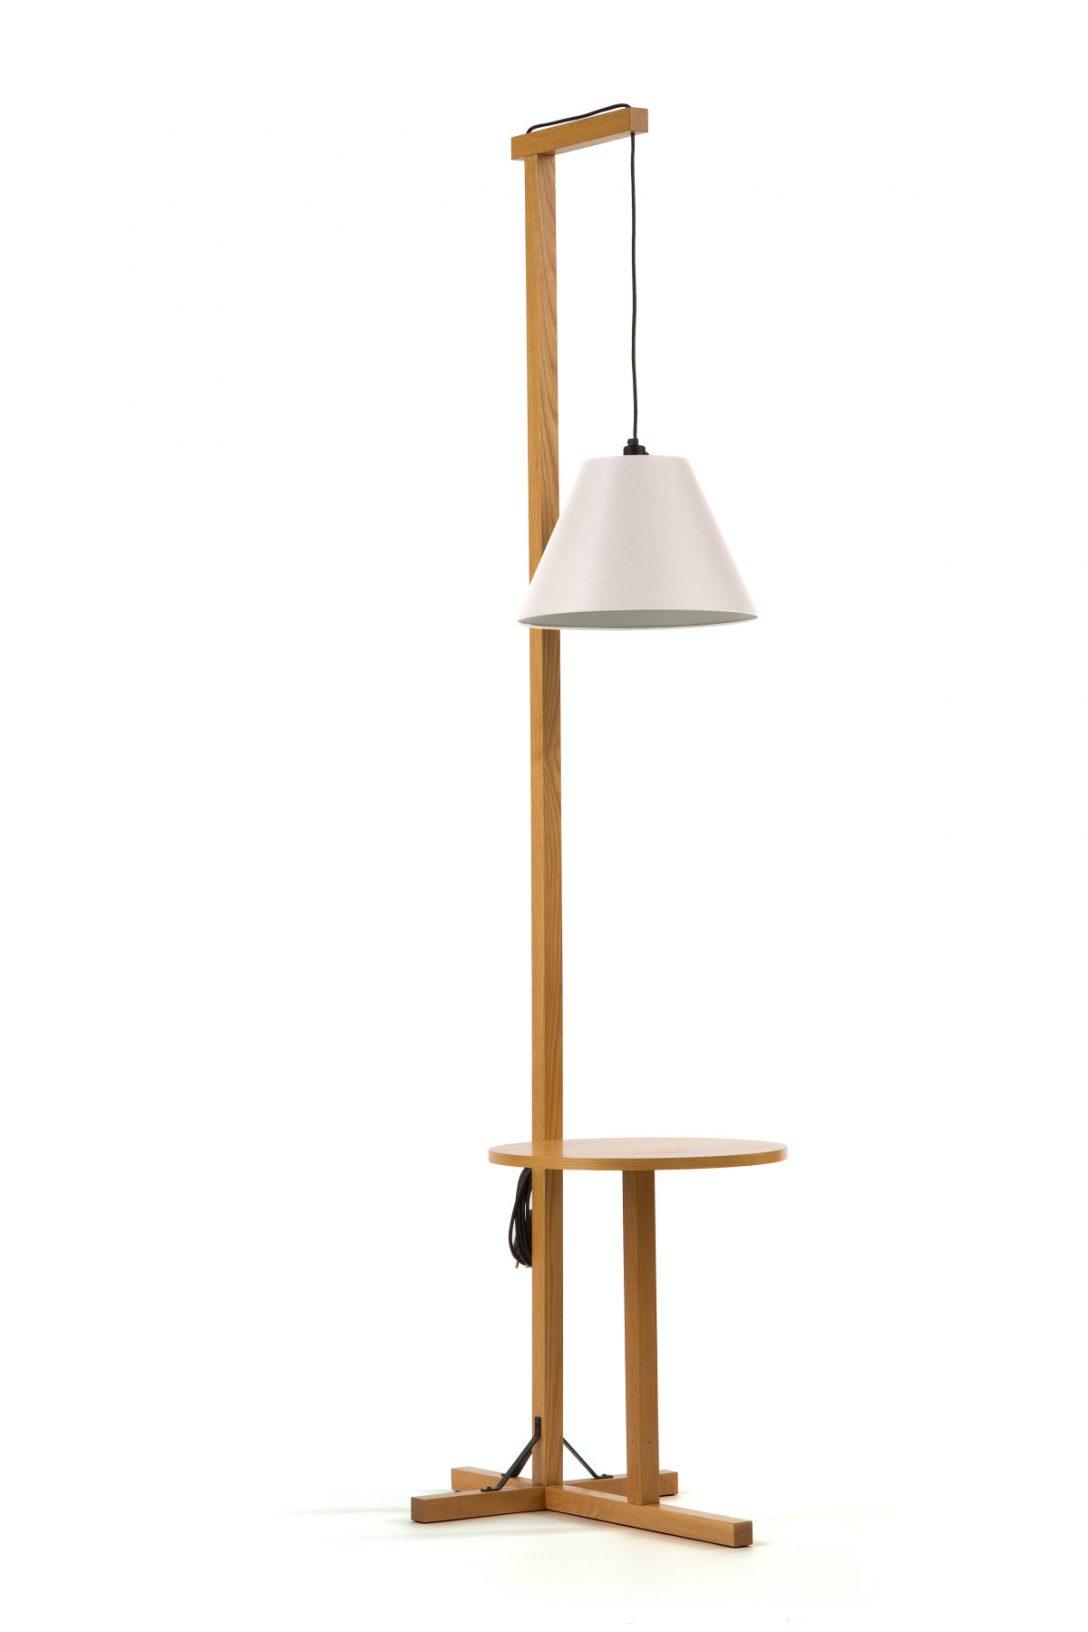 Large Size of Beistelltisch Flim Lampe Wohnzimmer Holz Tisch Eiche Stehlampe Fliesen Holzoptik Bad Holzhaus Garten Holzofen Küche Bett Holzregal Spielhaus Massivholz Wohnzimmer Stehlampe Holz